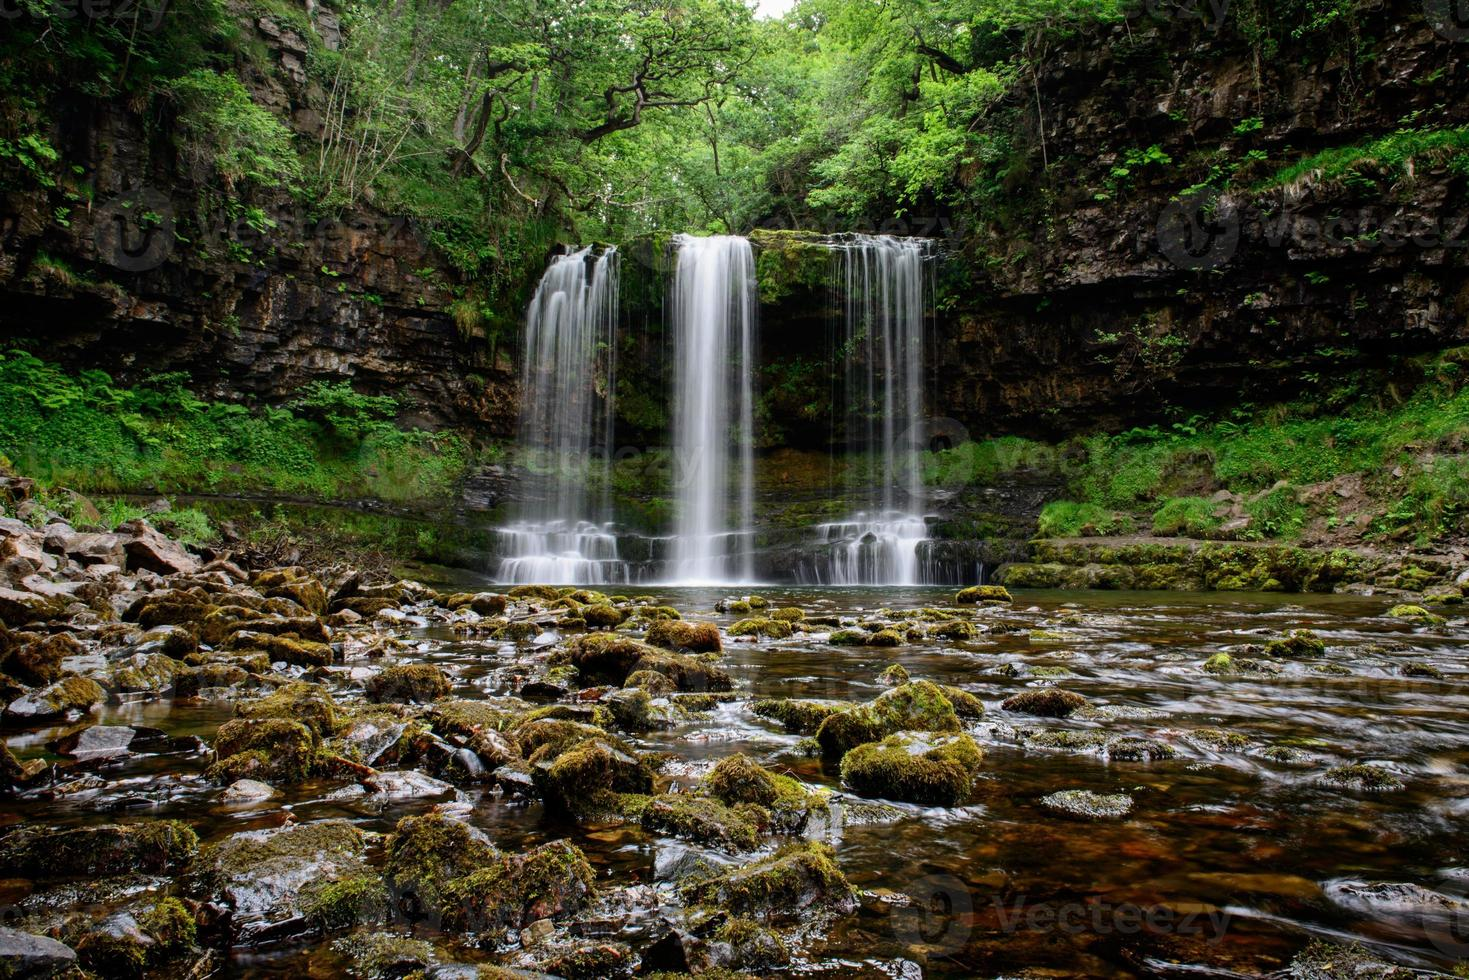 scwd yr eira cascata nel paesaggio del Galles del sud foto